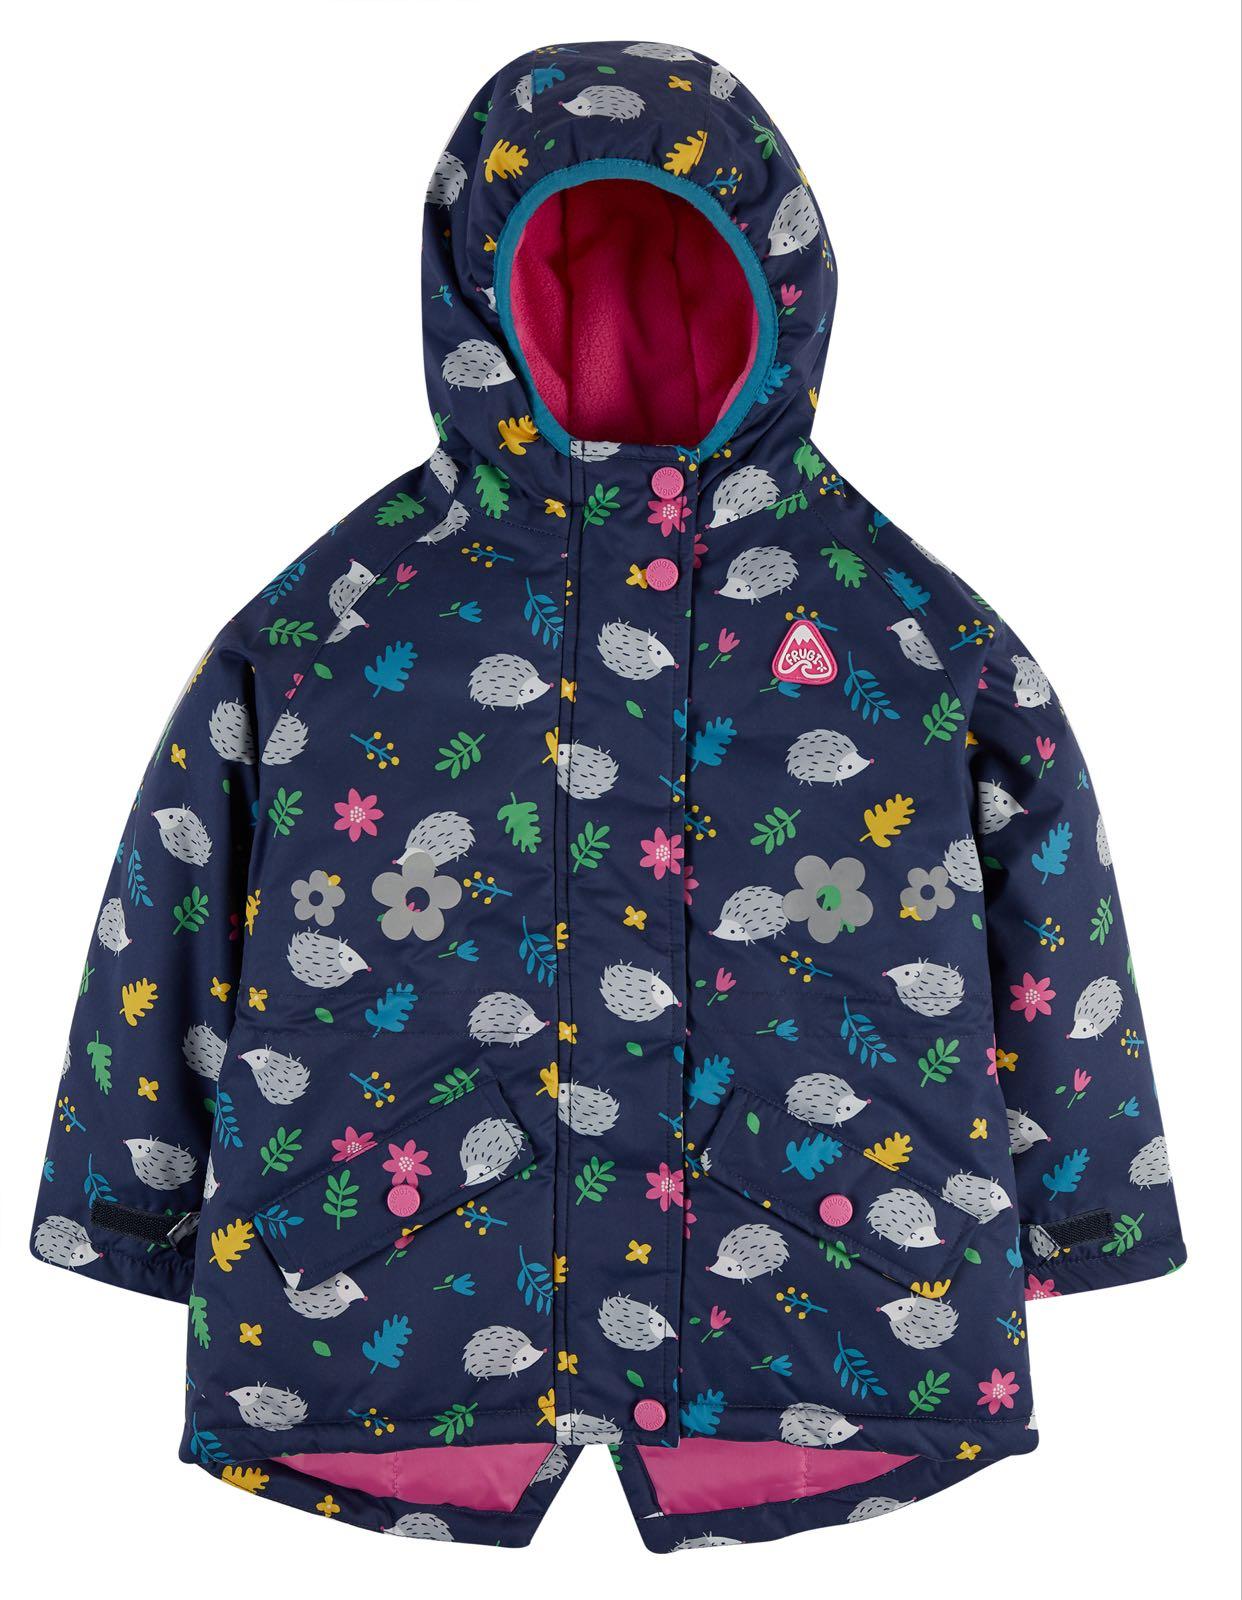 Frugi Explorer Waterproof Coat, Hedgehogs